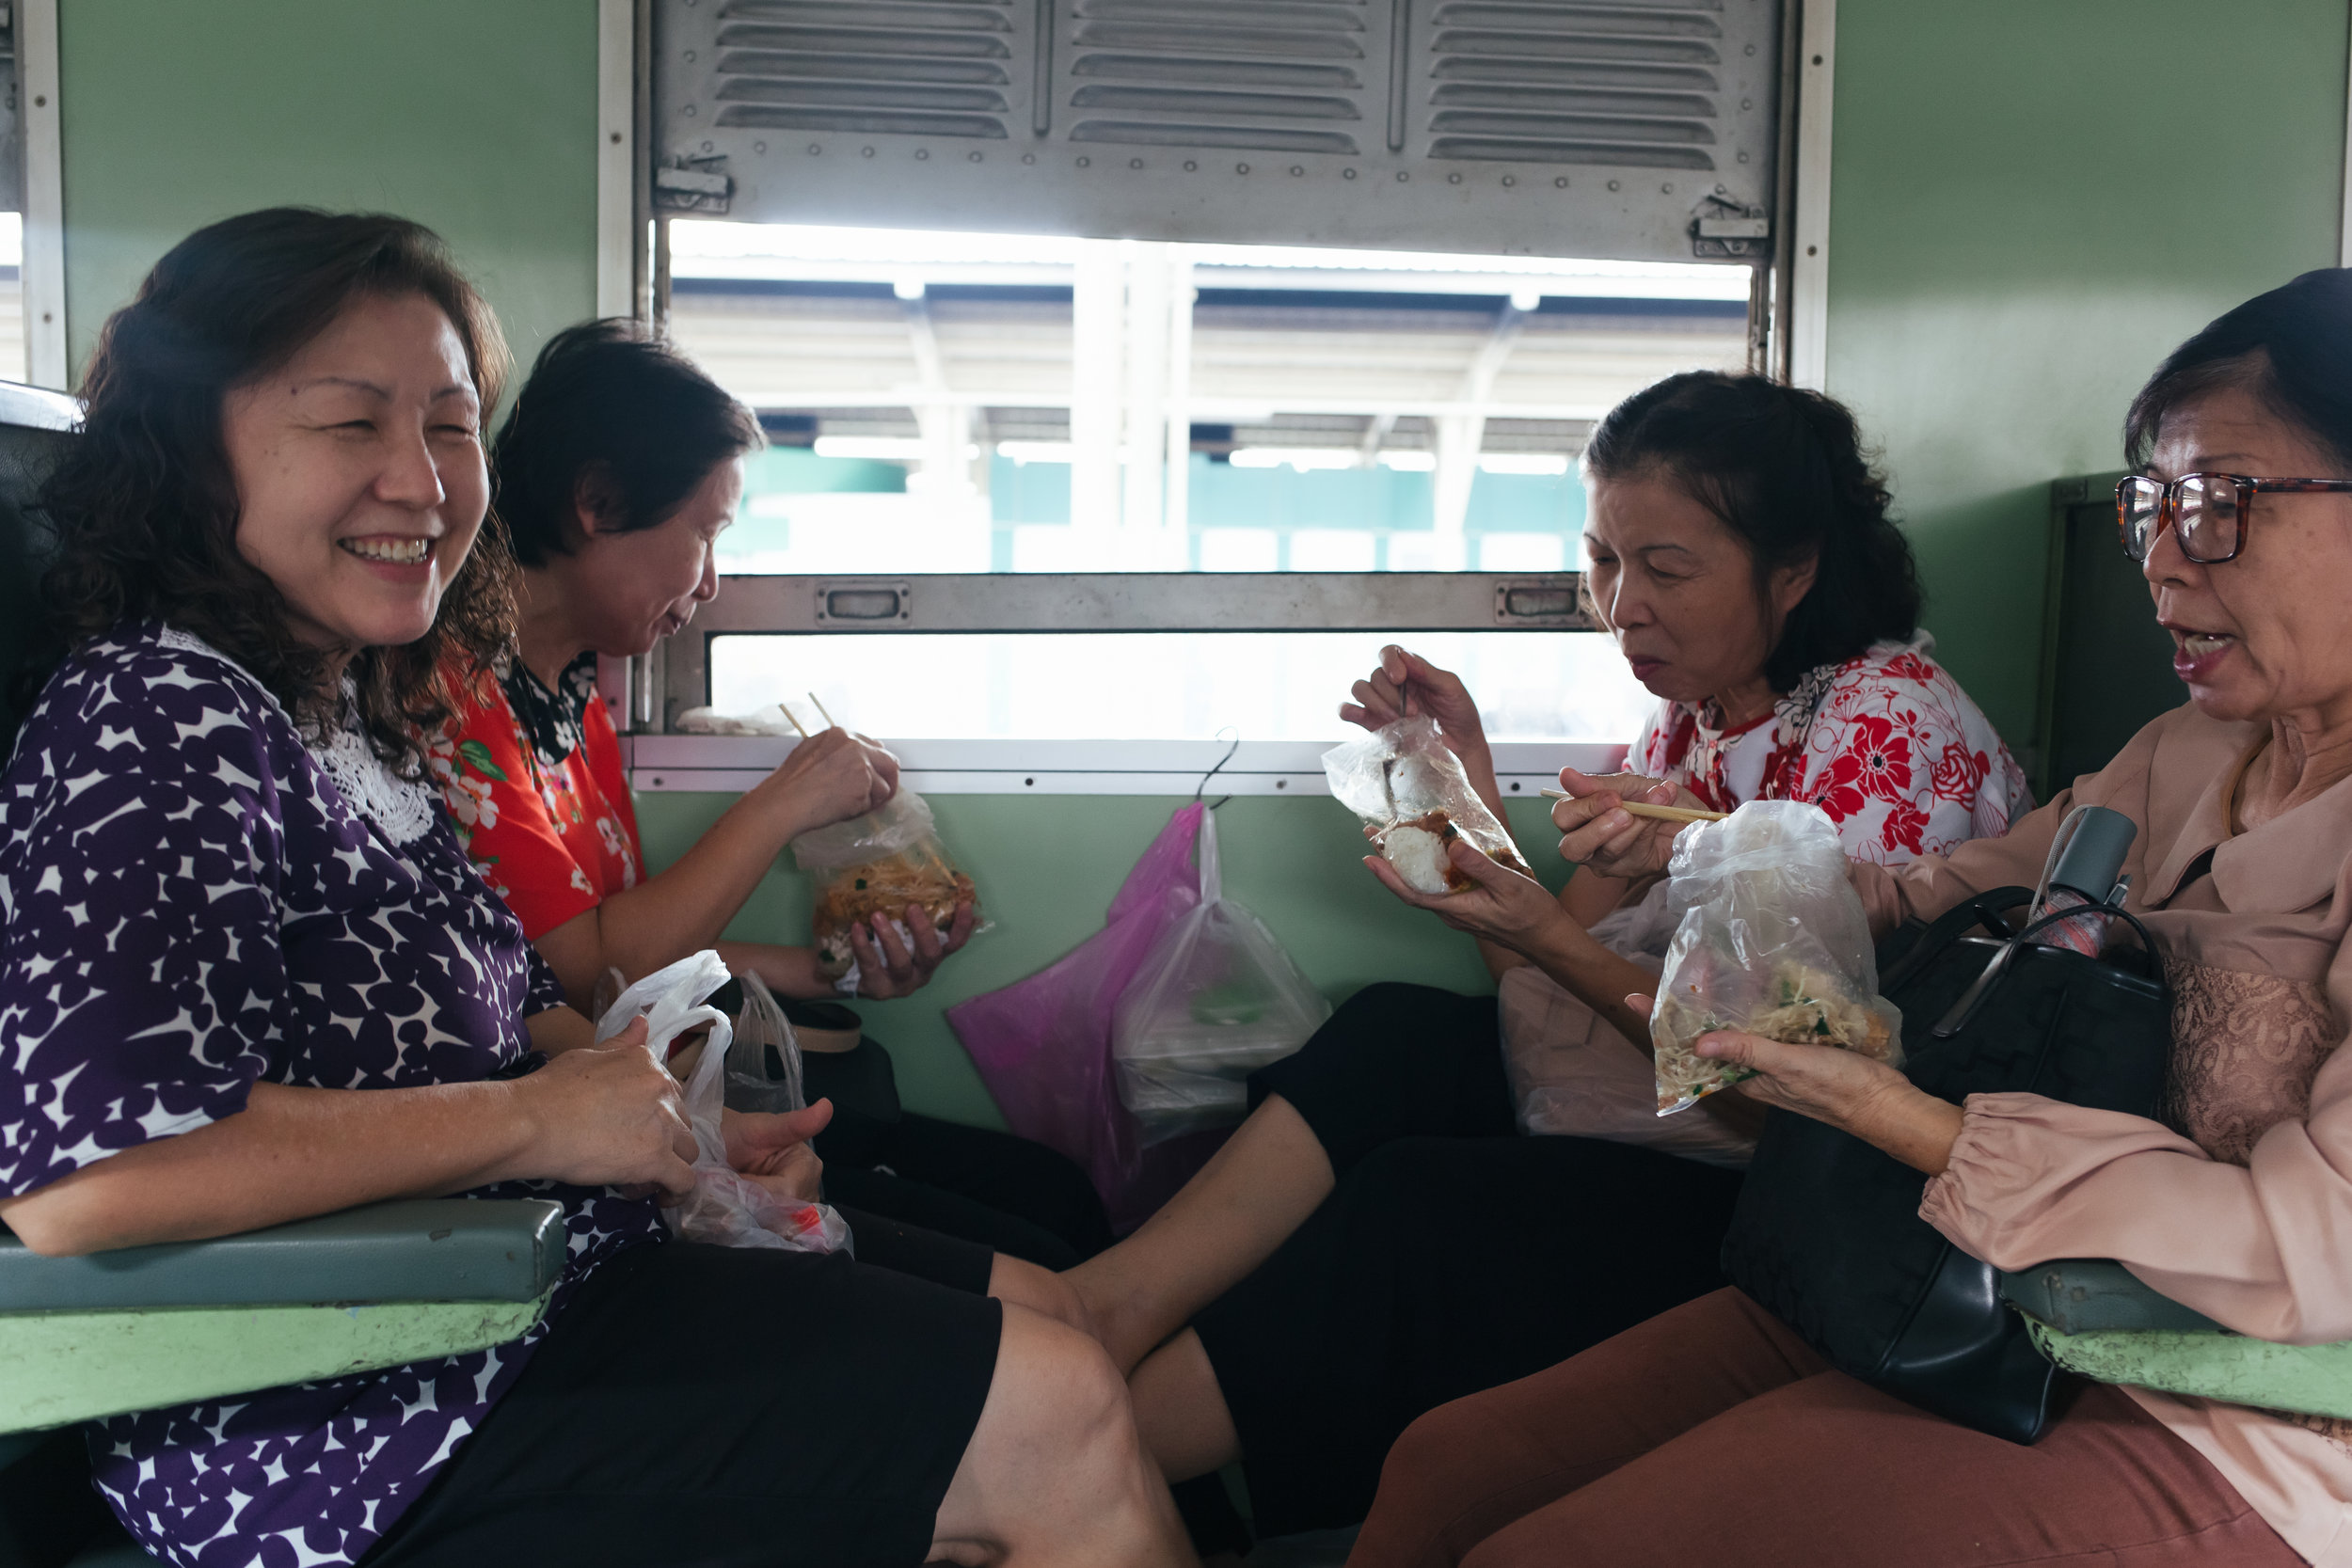 thailand_lampang_ayuthaya_train (70 of 77).jpg